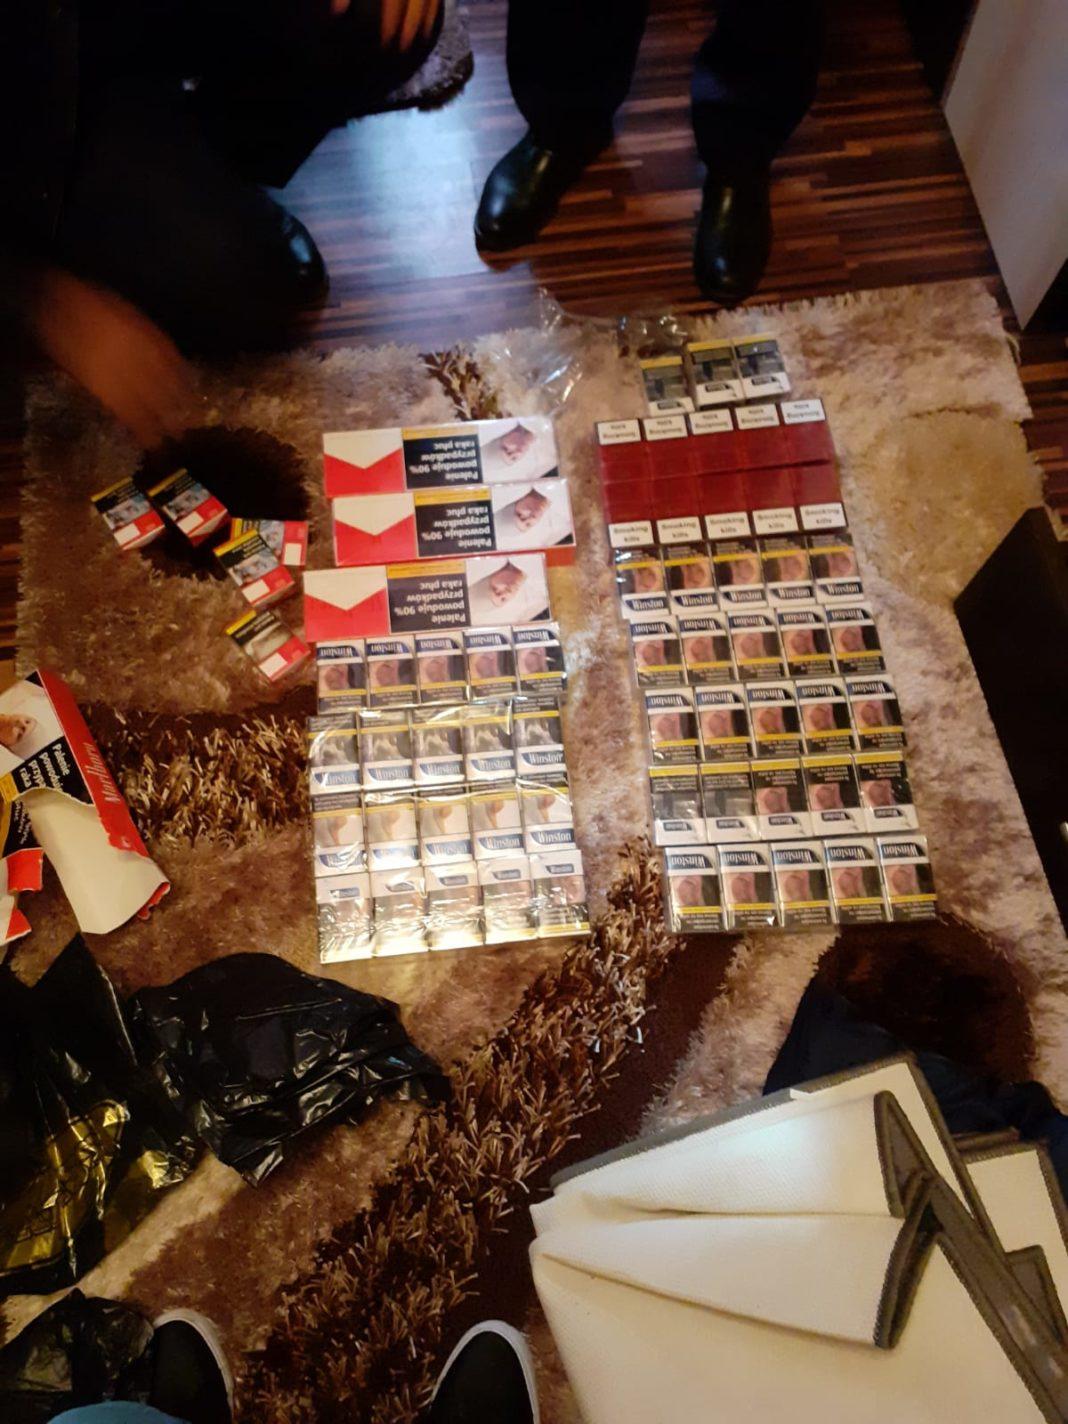 Percheziţii domiciliare în locuinţele a doi doljeni de unde s-au confiscat ţigări de contrabandă